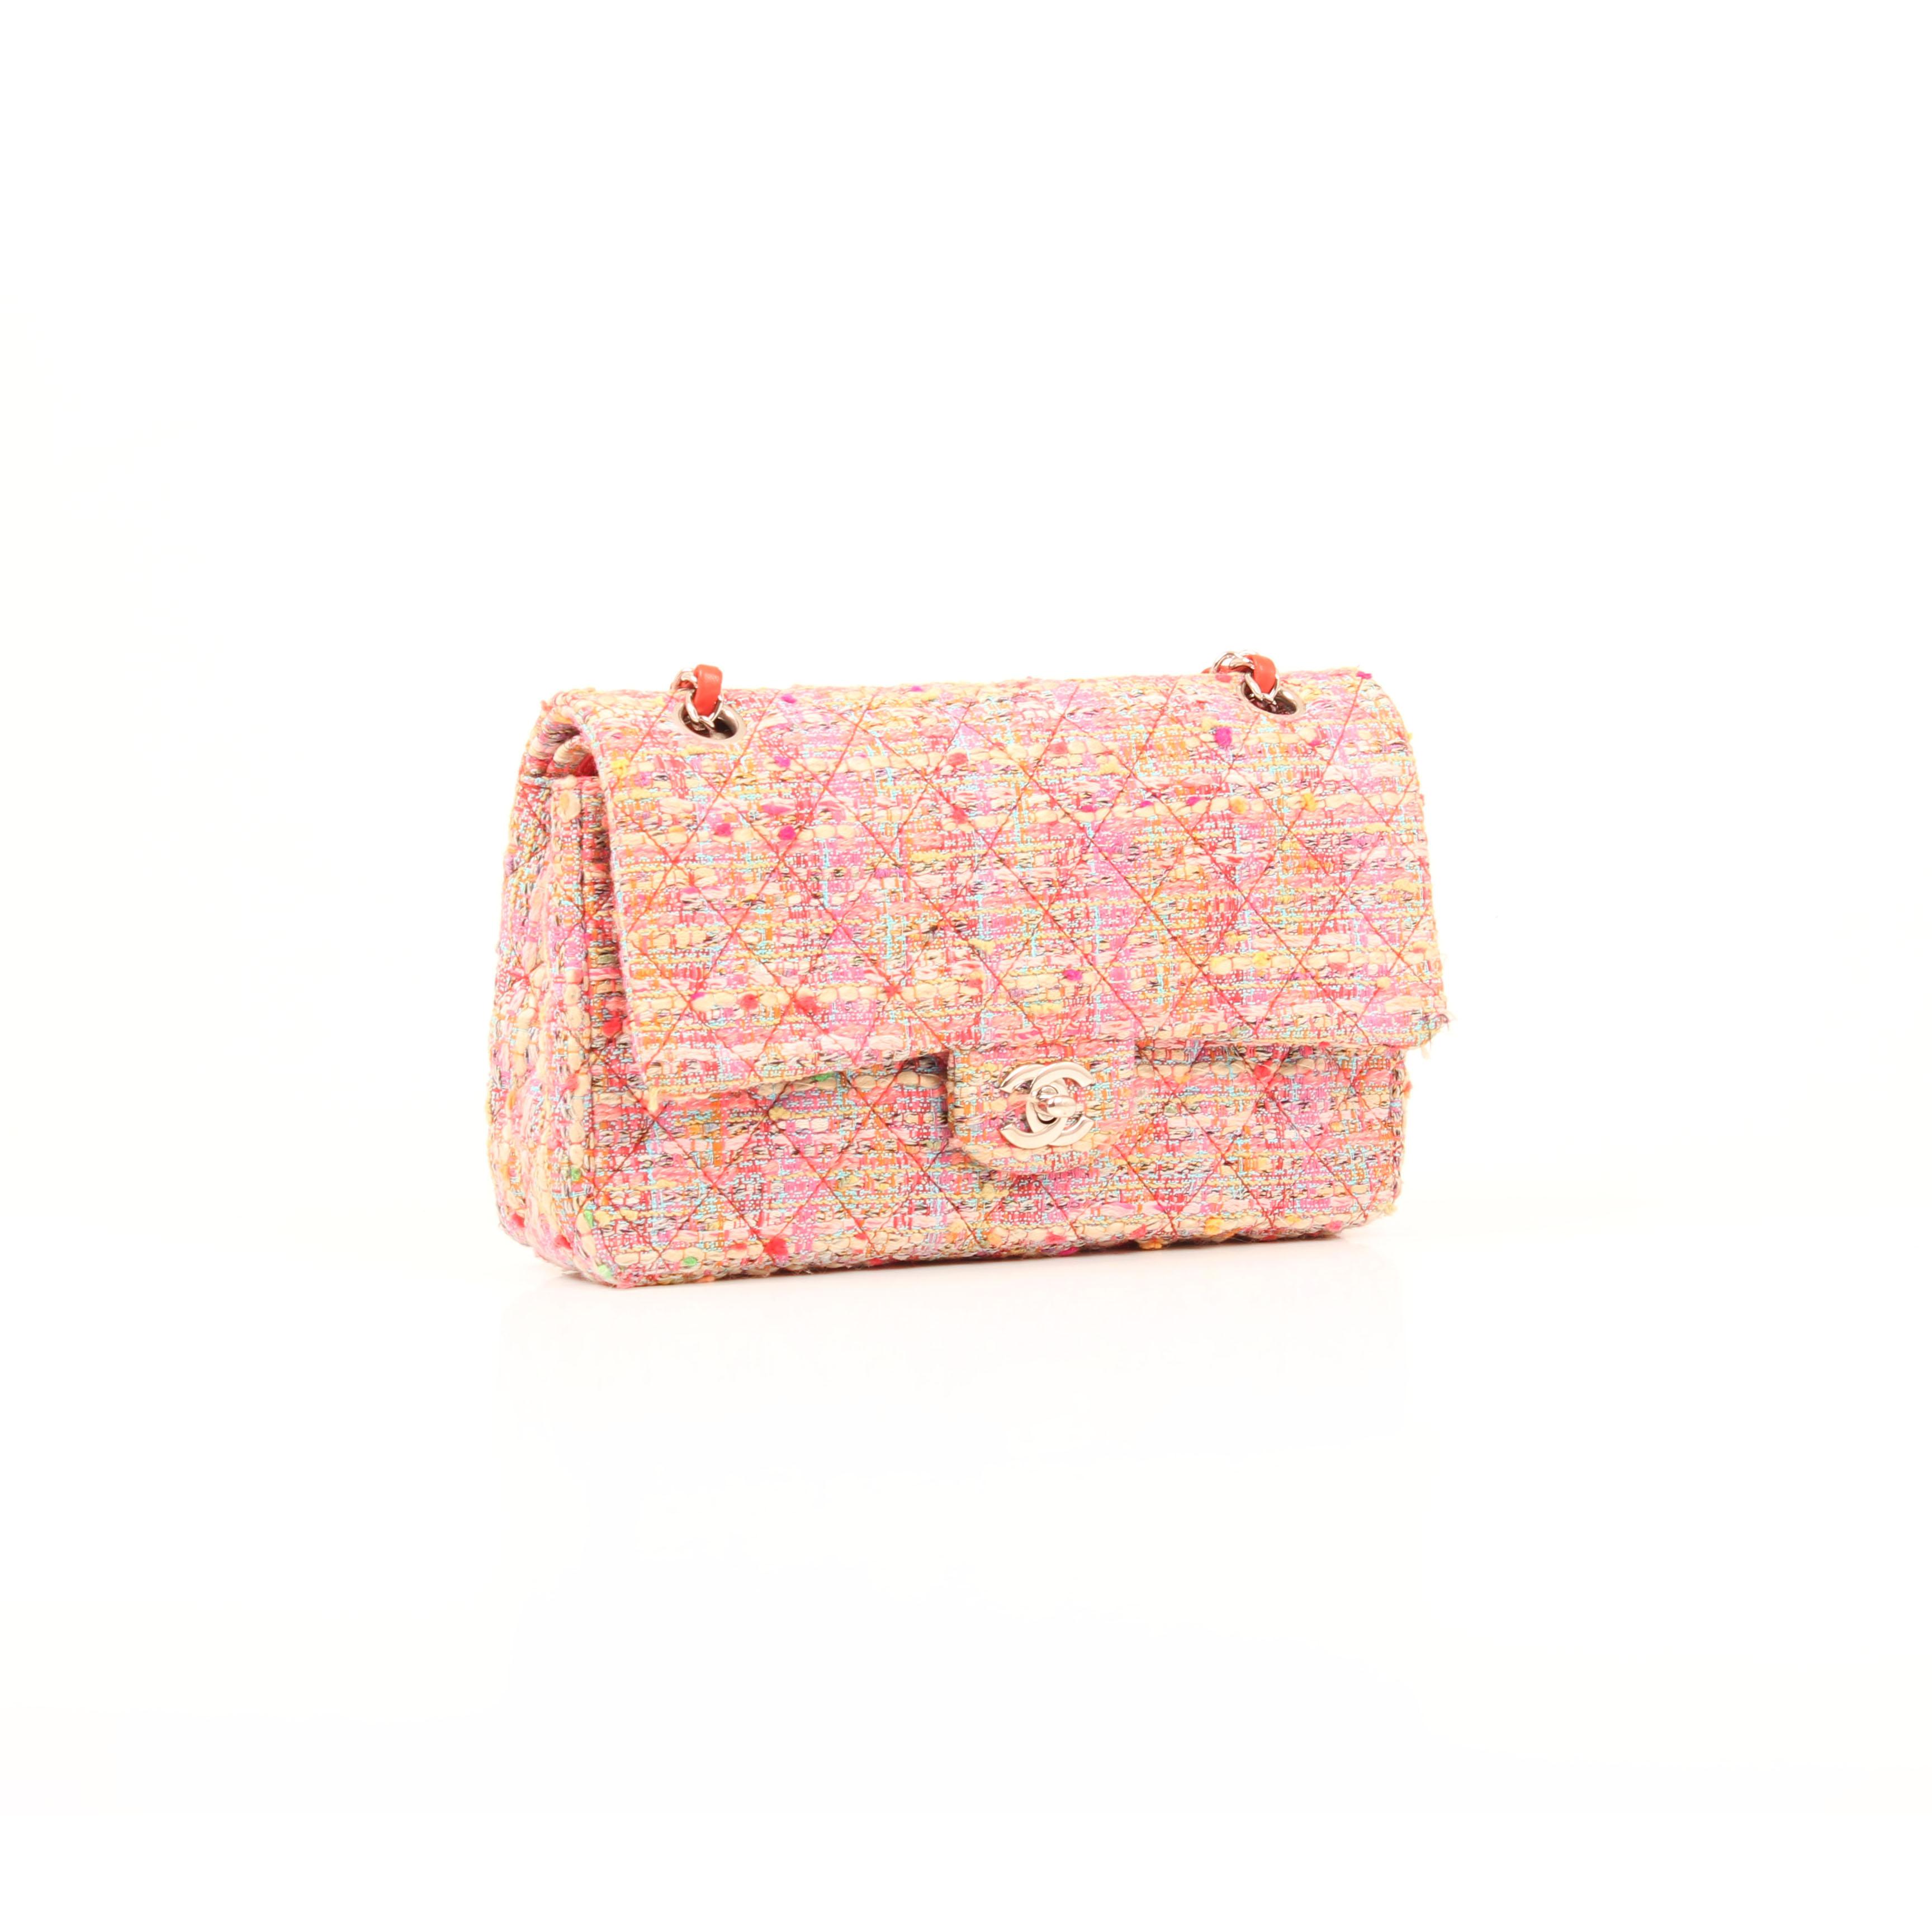 Imagen general del bolso chanel timeless double flap en tweed rosa multicolor fluor